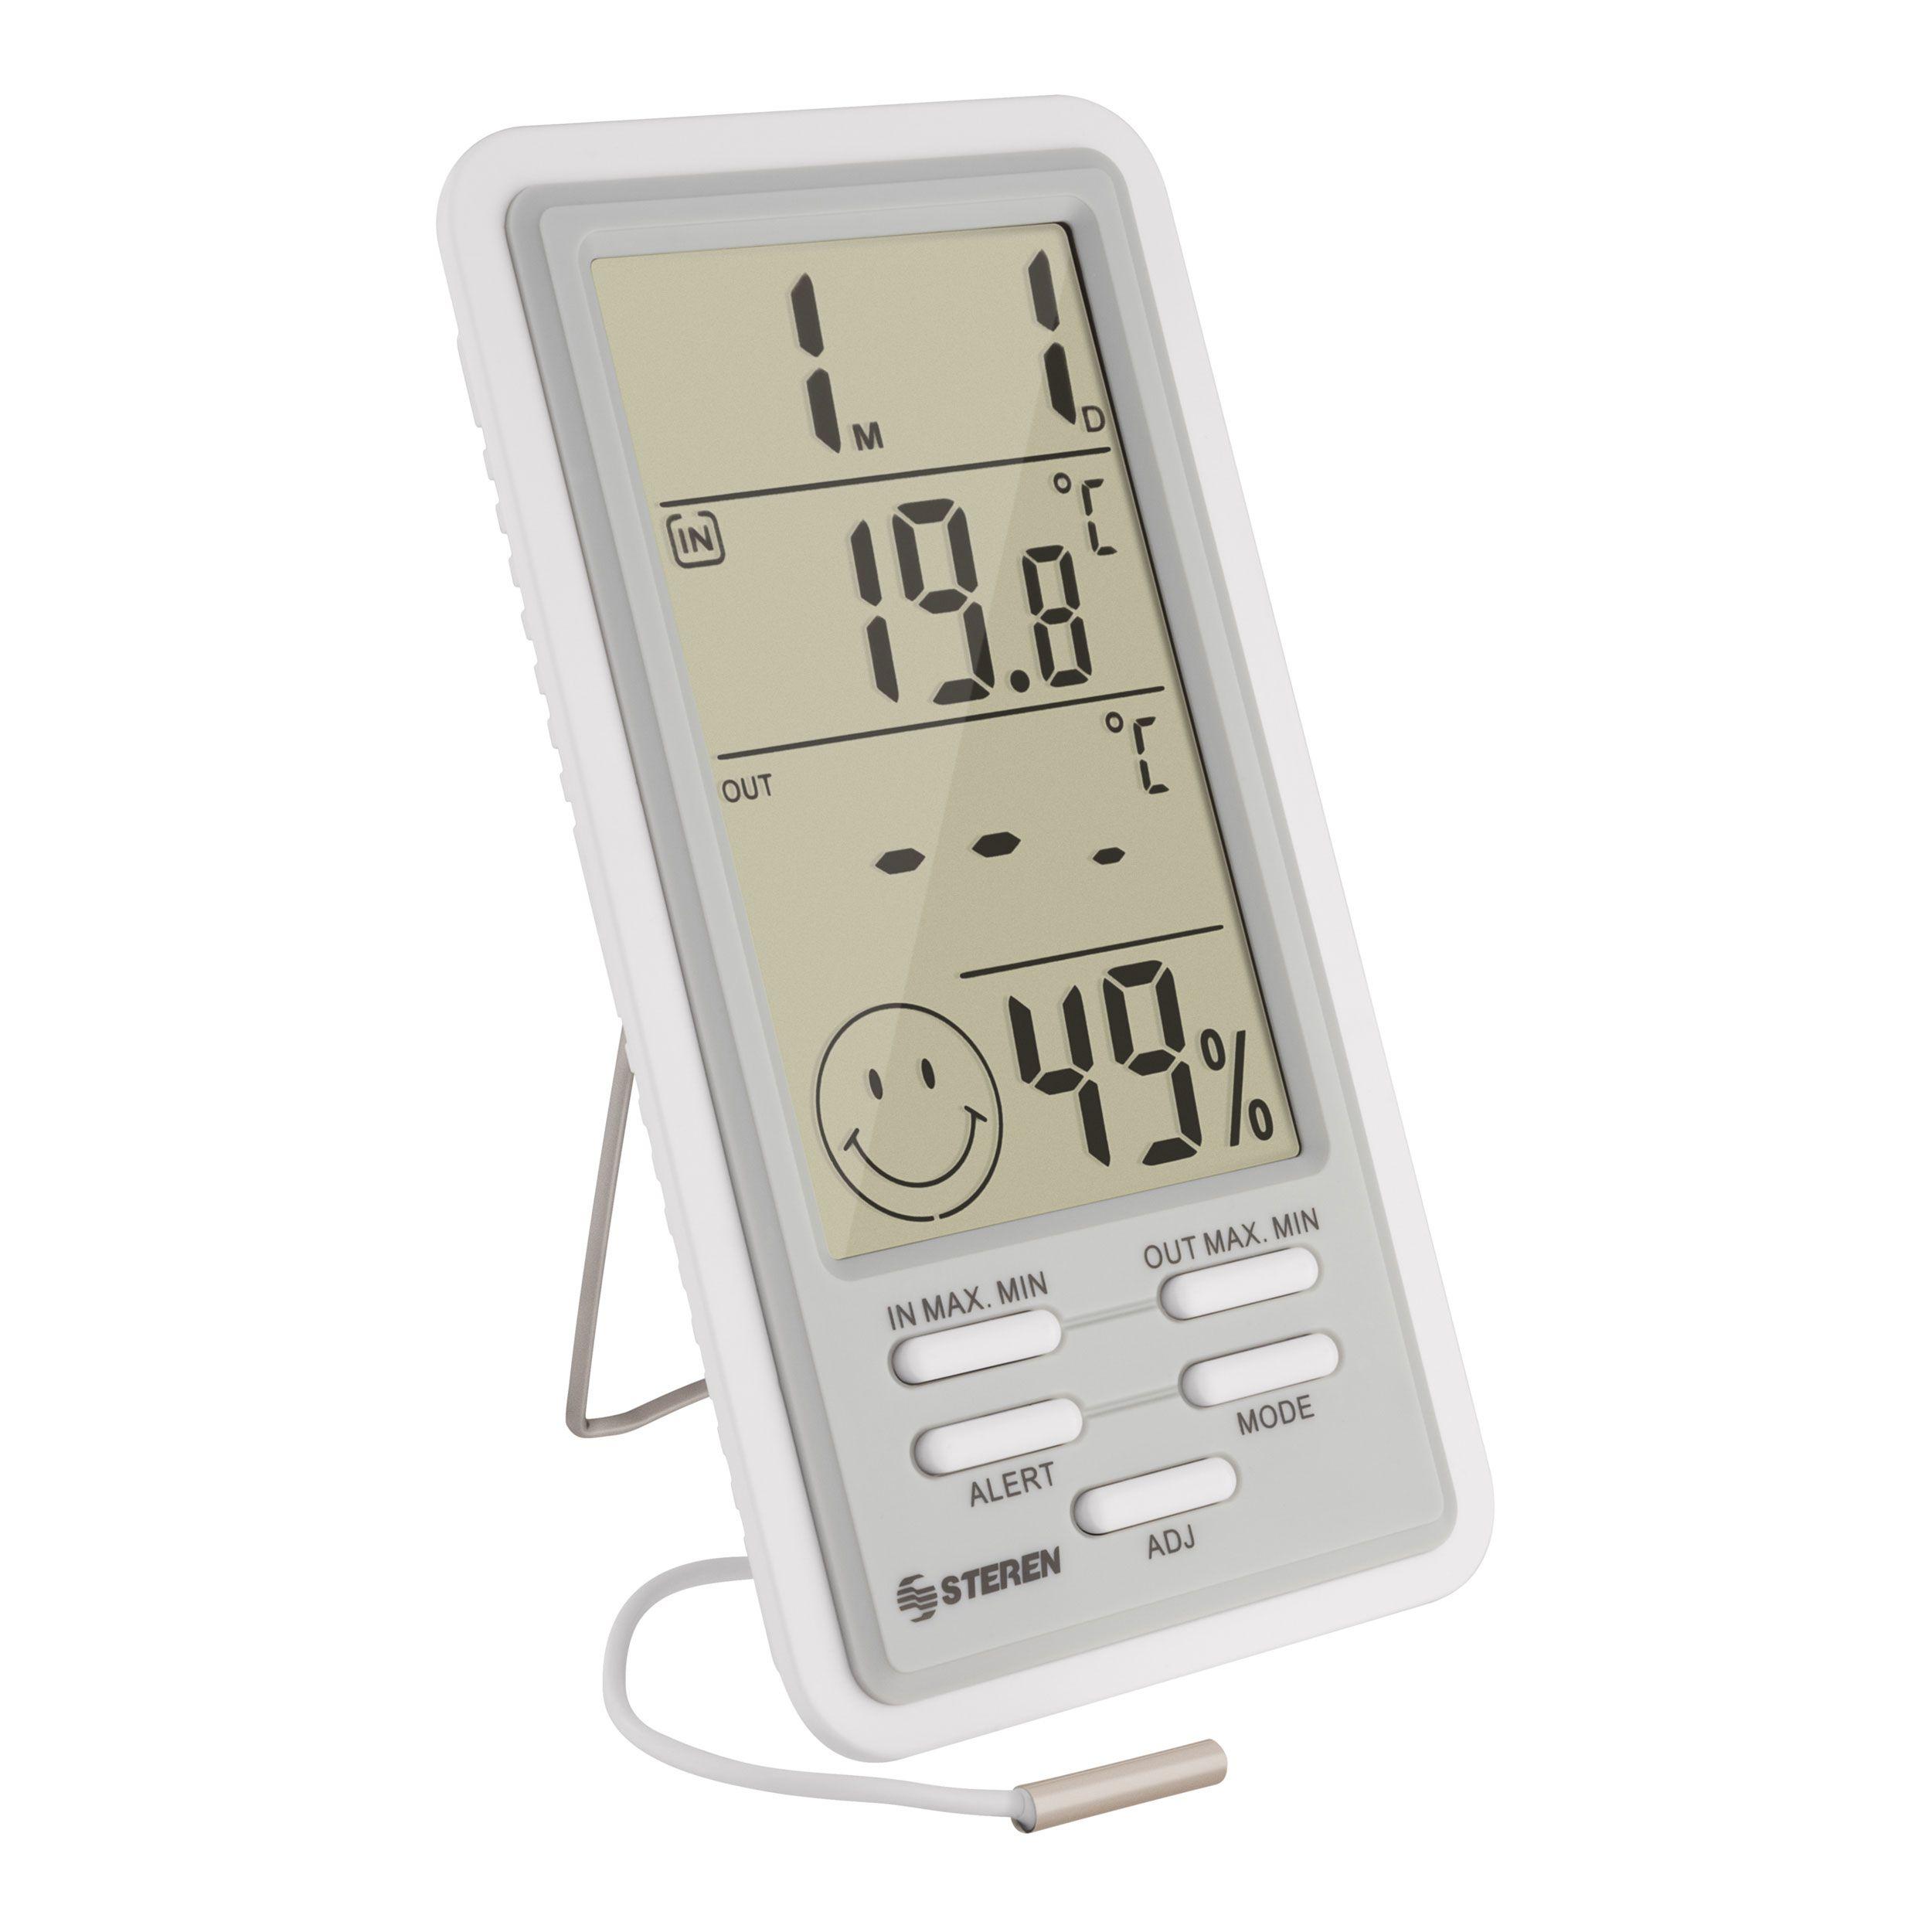 termometro-digital-con-sensor-de-humedad.jpg